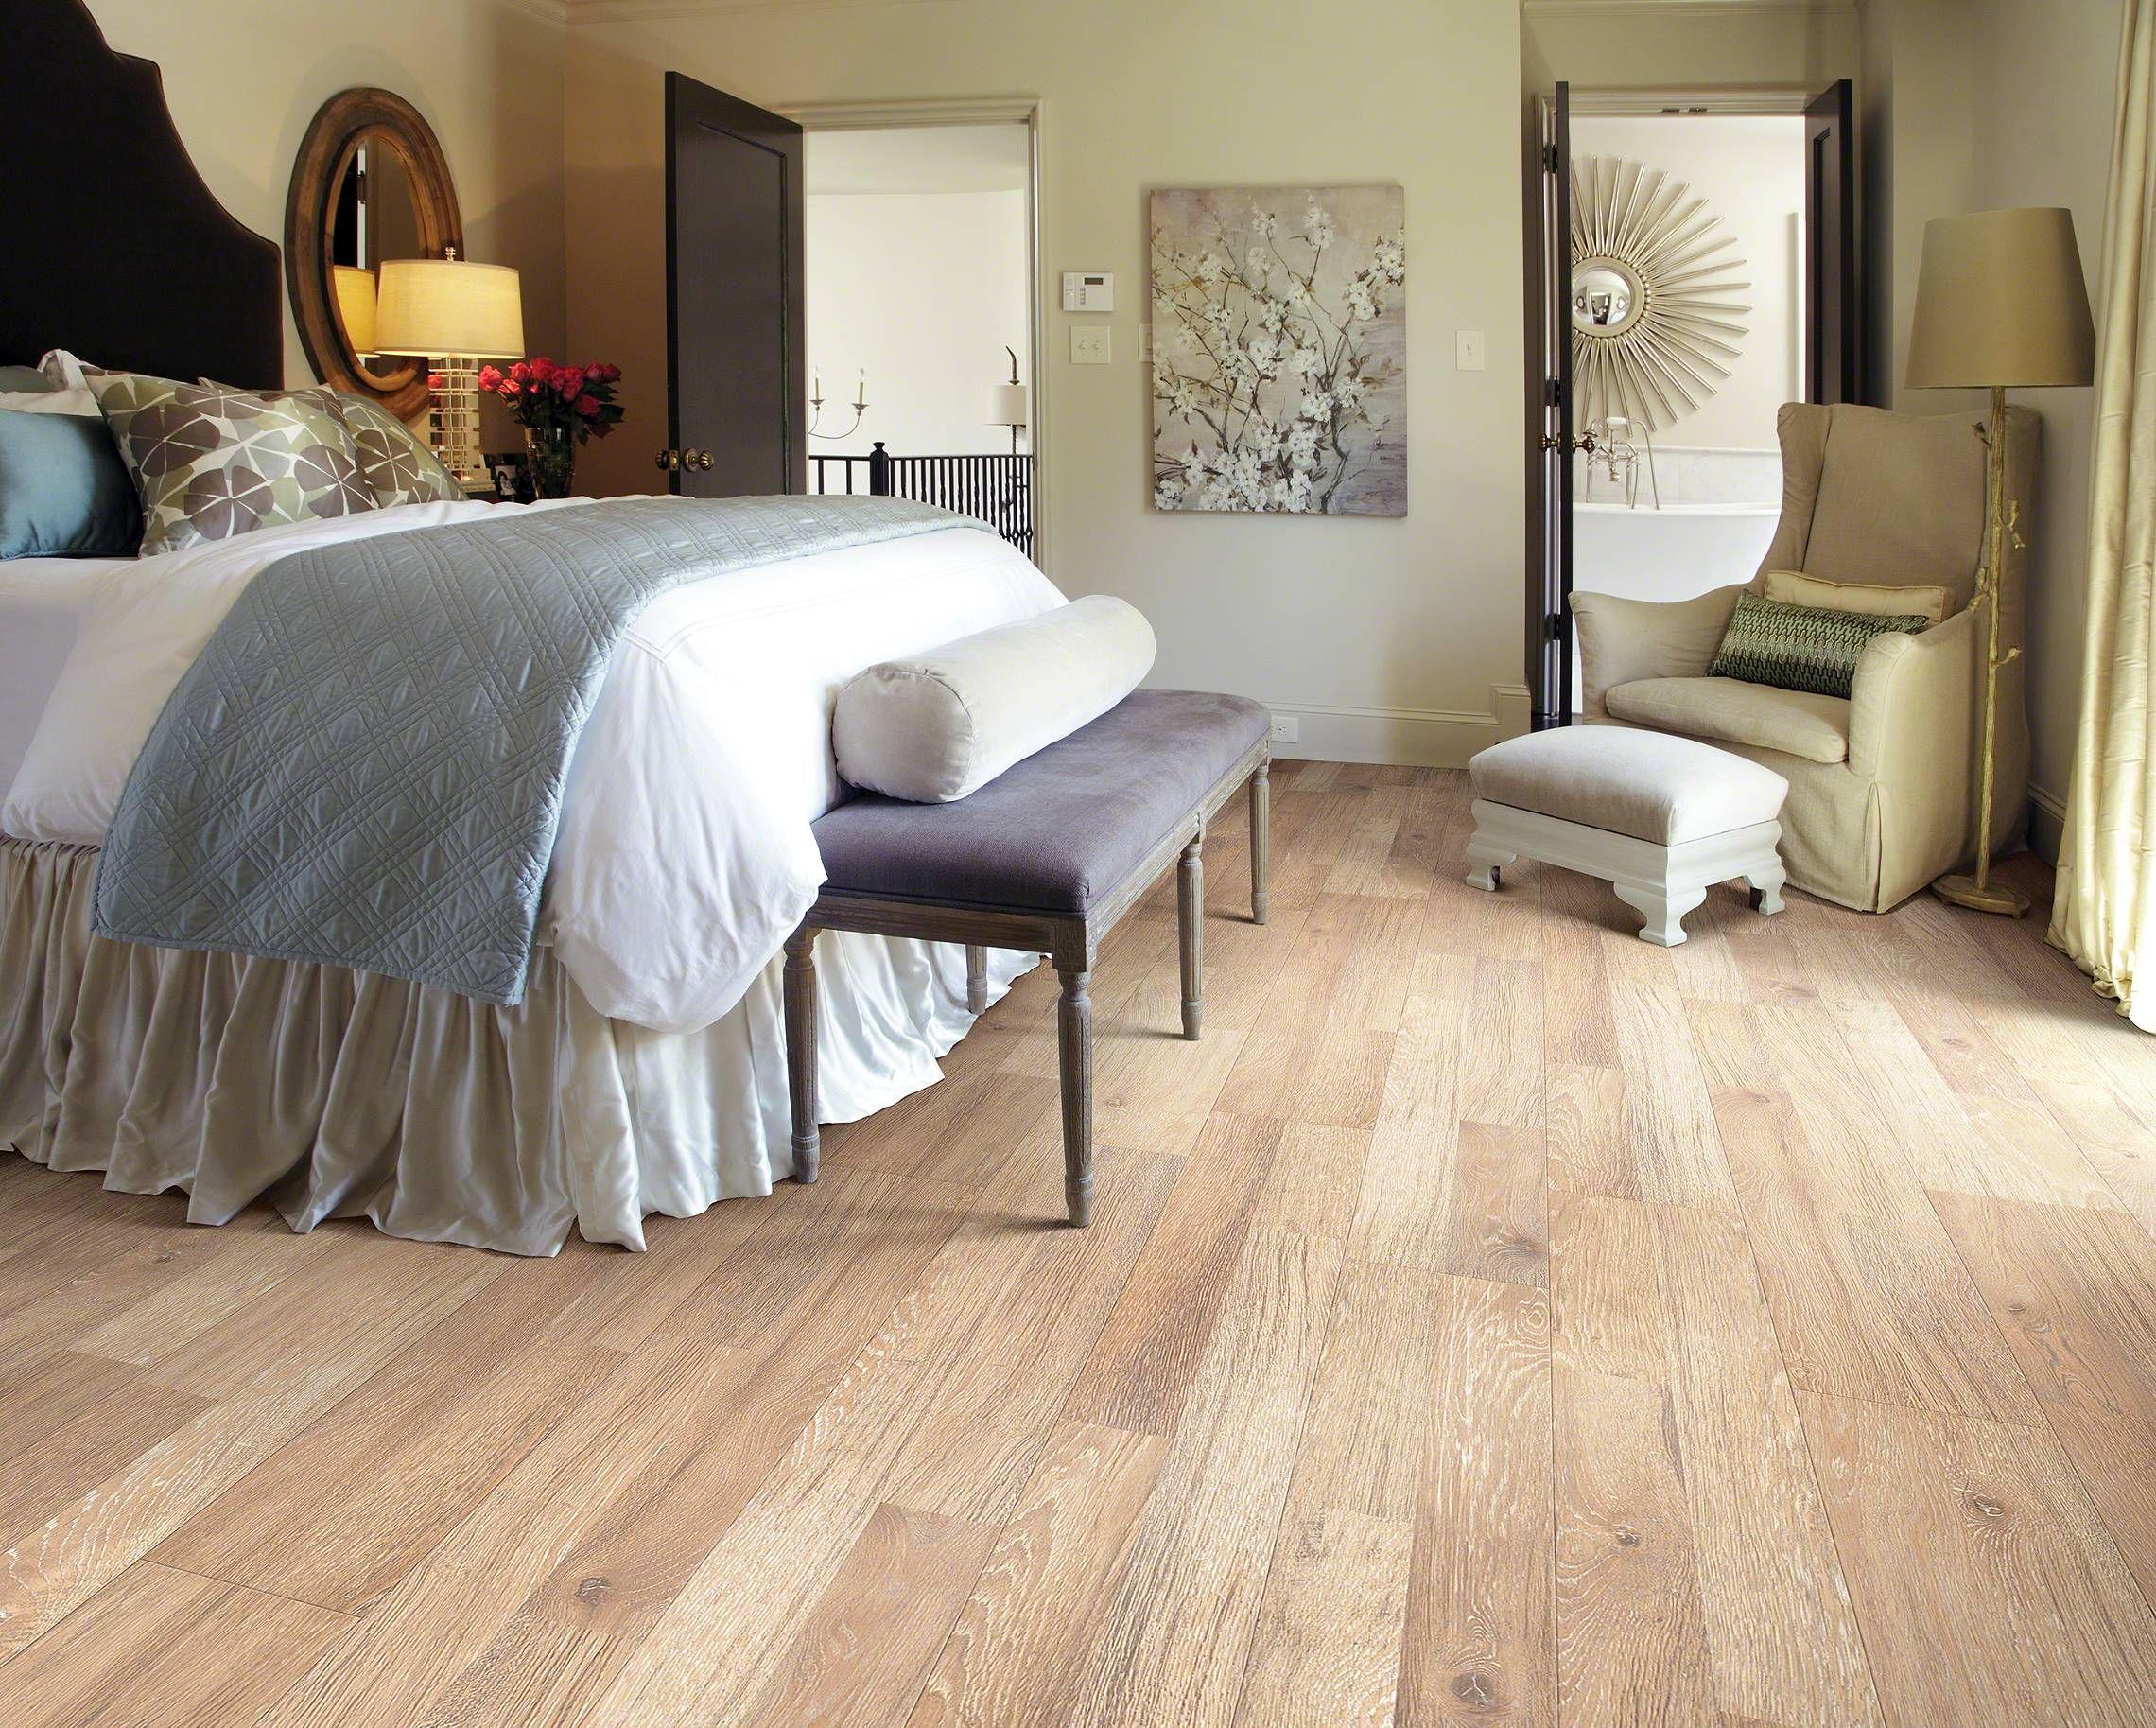 laminate flooring wood laminate floors  bedroom laminate